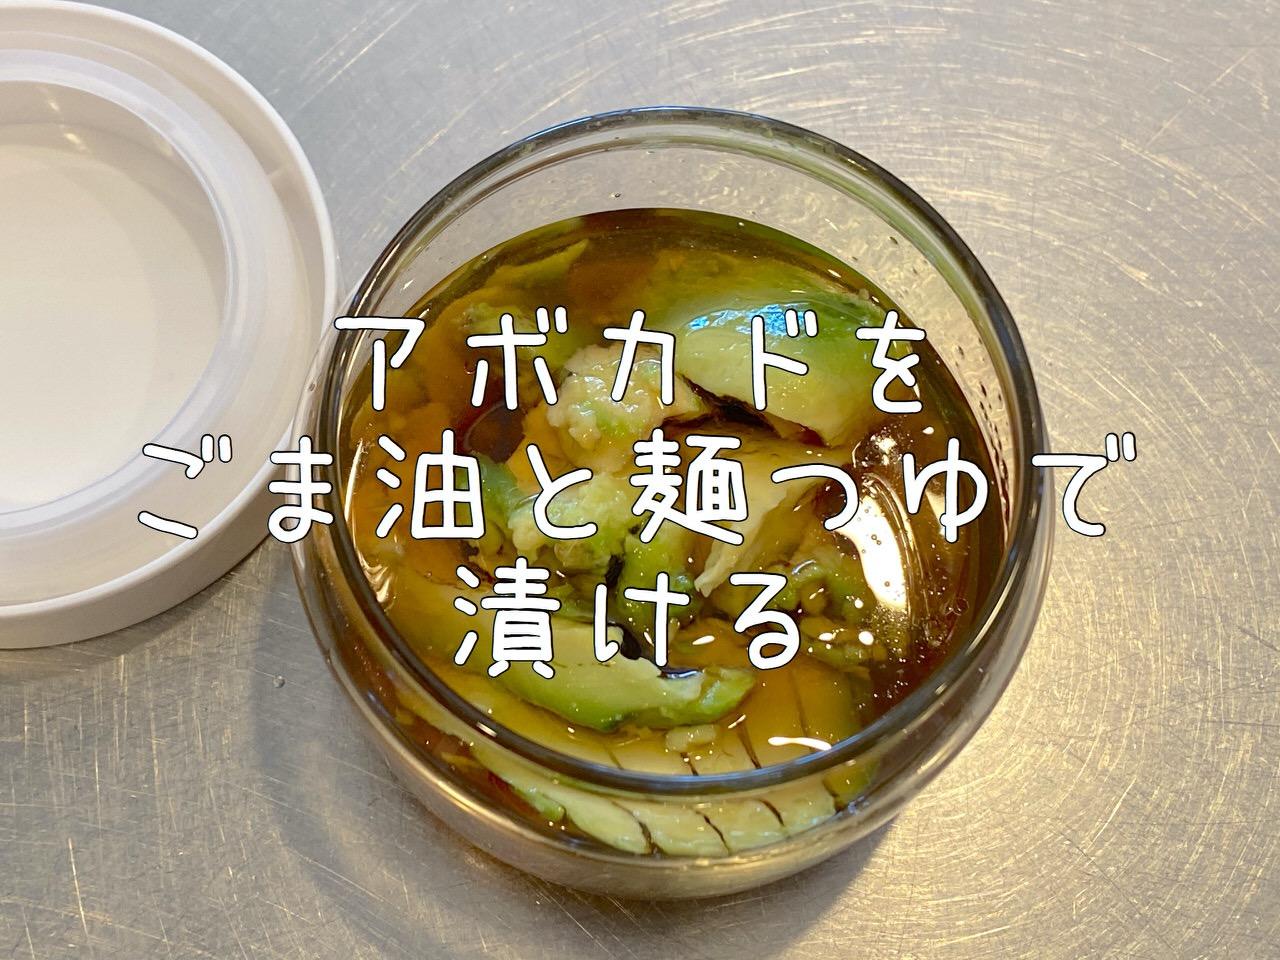 アボカドをごま油と麺つゆで漬ける飯泥棒レシピ